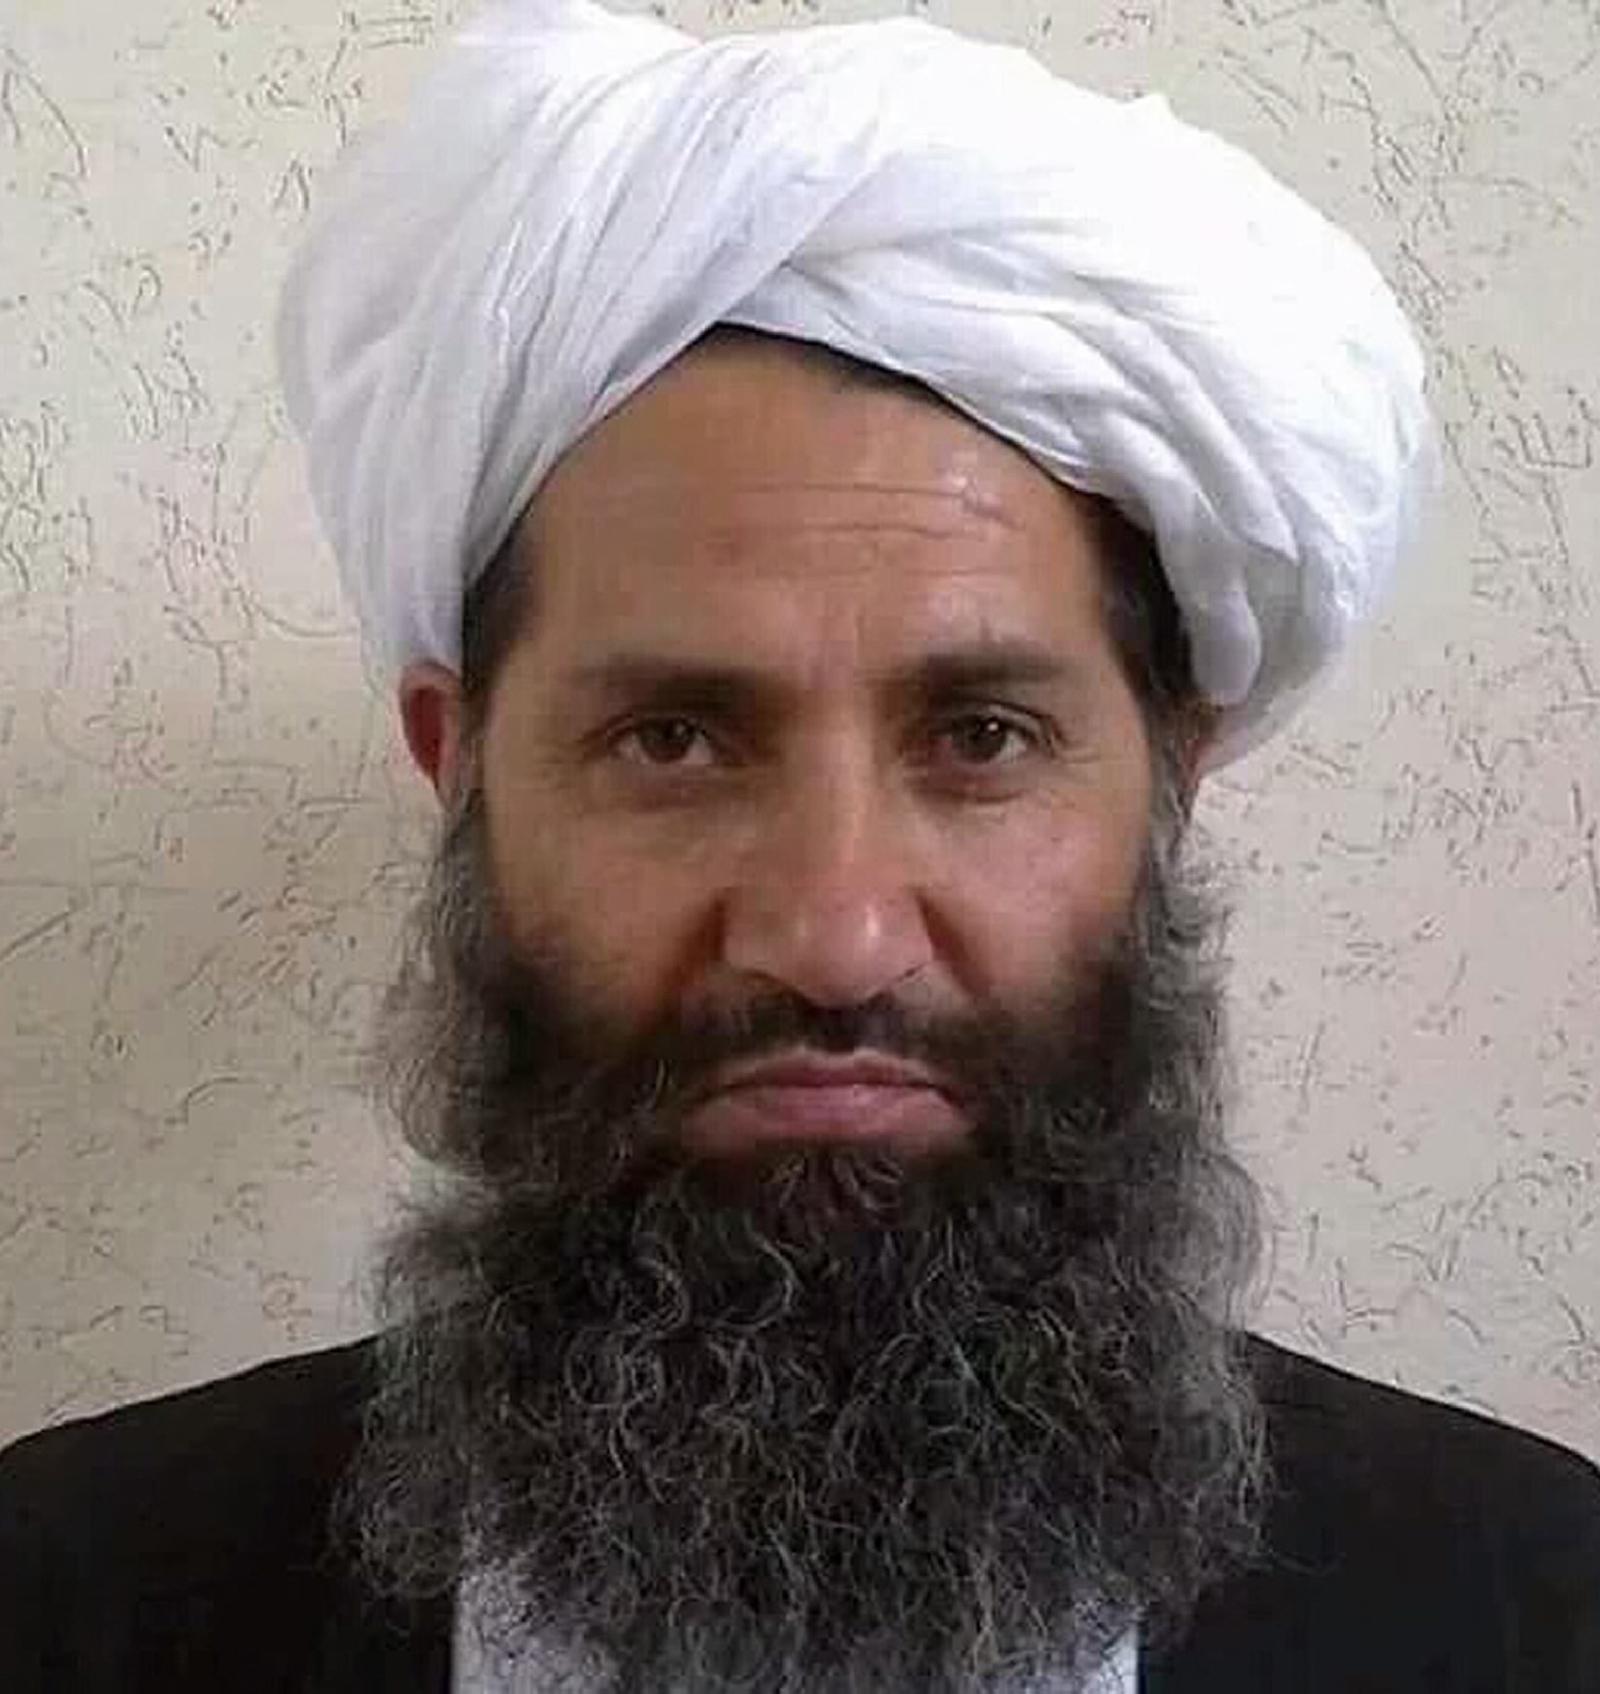 Mullah Haibatullah Akhundzada posing for a photograph at an undisclosed location in 2016. Photo: Afghan Taliban via AFP